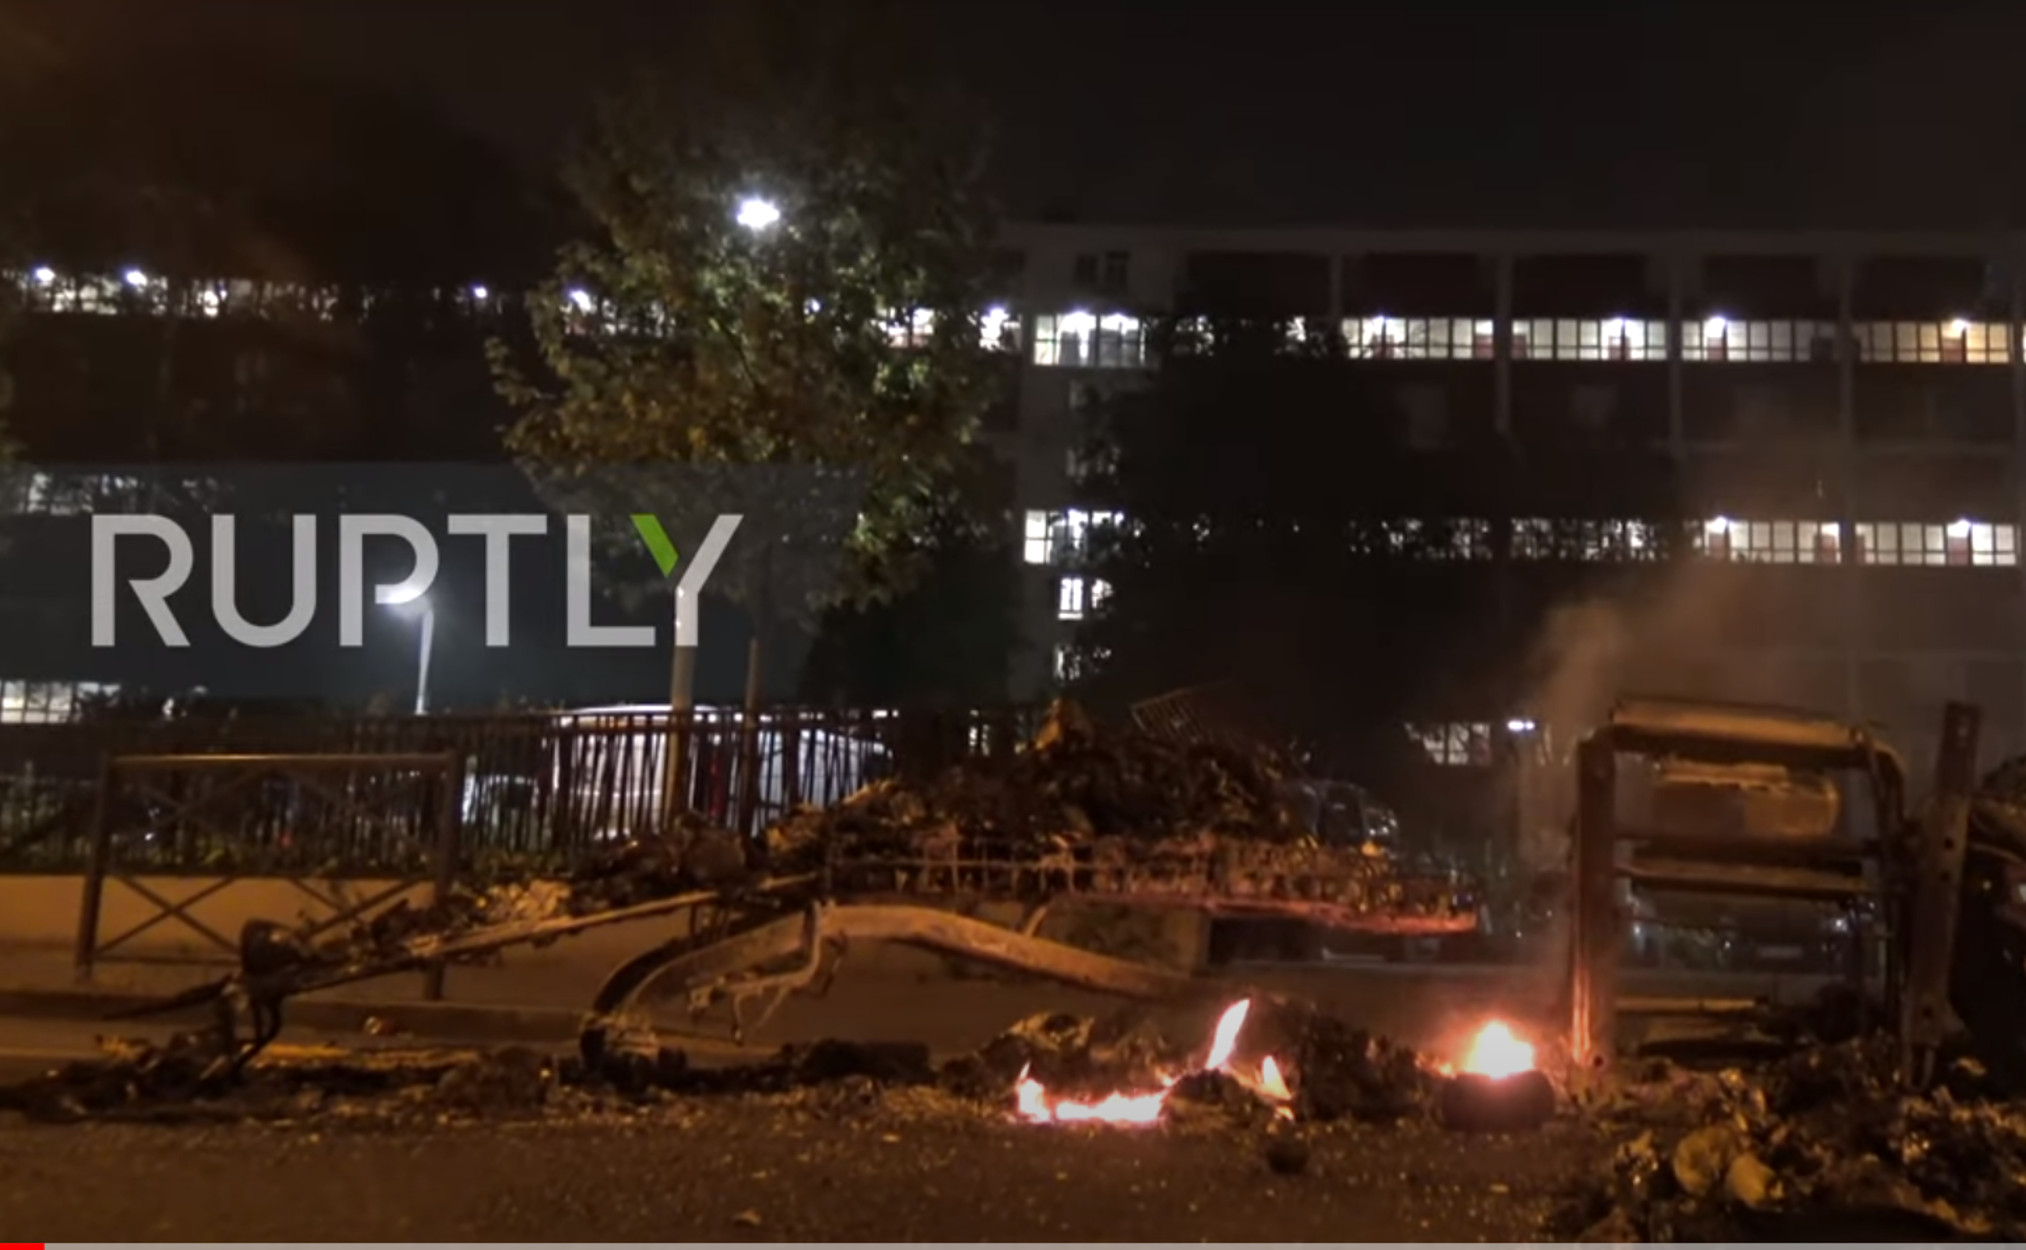 Παρίσι: Συγκρούσεις διαδηλωτών με την αστυνομία εν μέσω κορονοϊού!